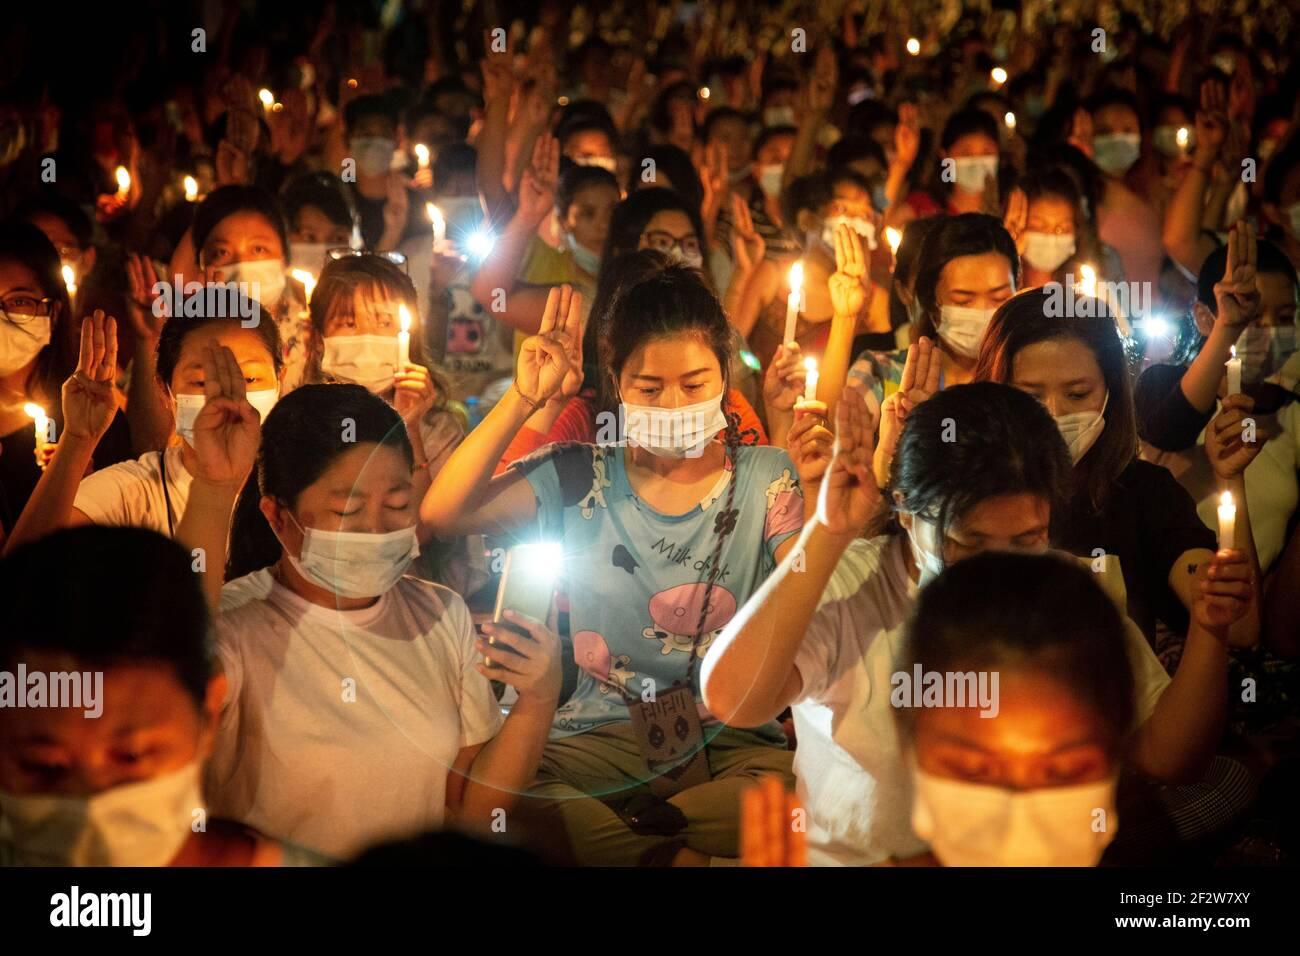 Yangon, Myanmar. 13 mars 2021. Les manifestants saluent avec trois doigts en larmes lorsqu'ils prient dans les rues de yangon les manifestants qui sont morts pendant les manifestations contre le coup d'État militaire au Myanmar. L'armée et la police du Myanmar ont attaqué les manifestants avec des balles en caoutchouc, des munitions réelles, des gaz lacrymogènes et des bombes sonores en réponse à des manifestations contre le coup d'État militaire. Au moins 82 manifestants ont été déclarés morts depuis le début du coup d'État au Myanmar. (Photo de Theint mon SOE/SOPA Images/Sipa USA) Credit: SIPA USA/Alay Live News Banque D'Images